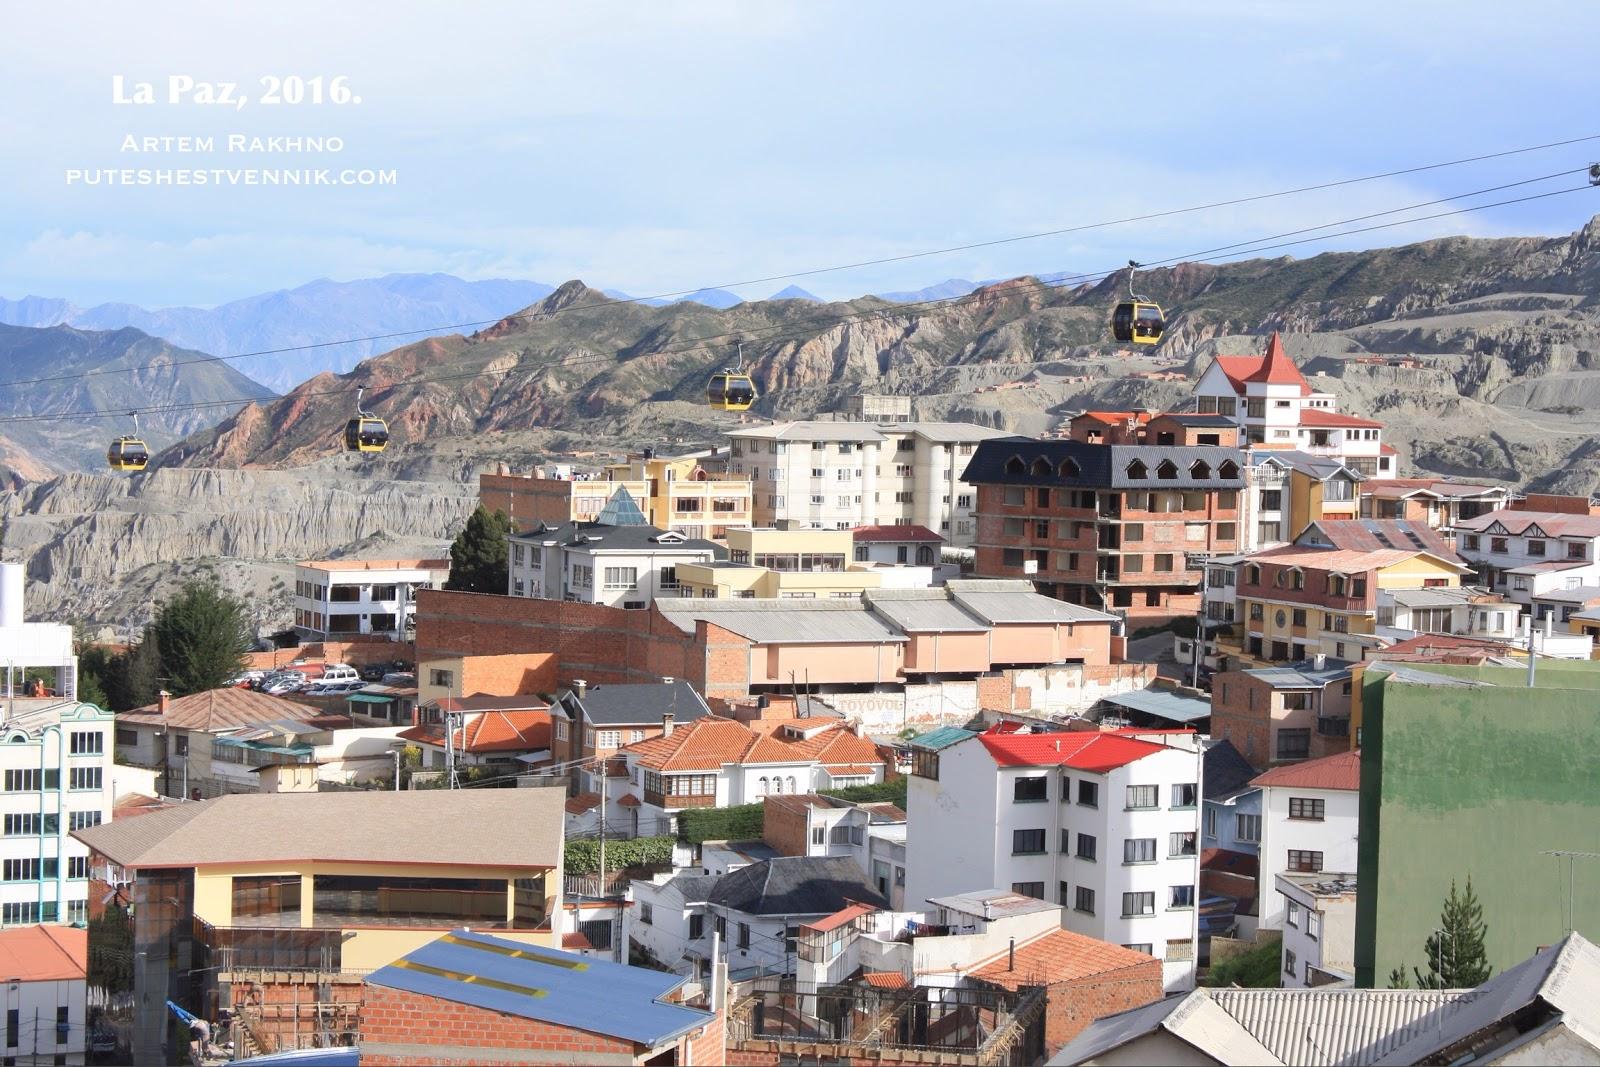 Фуникулер в Ла-Пасе